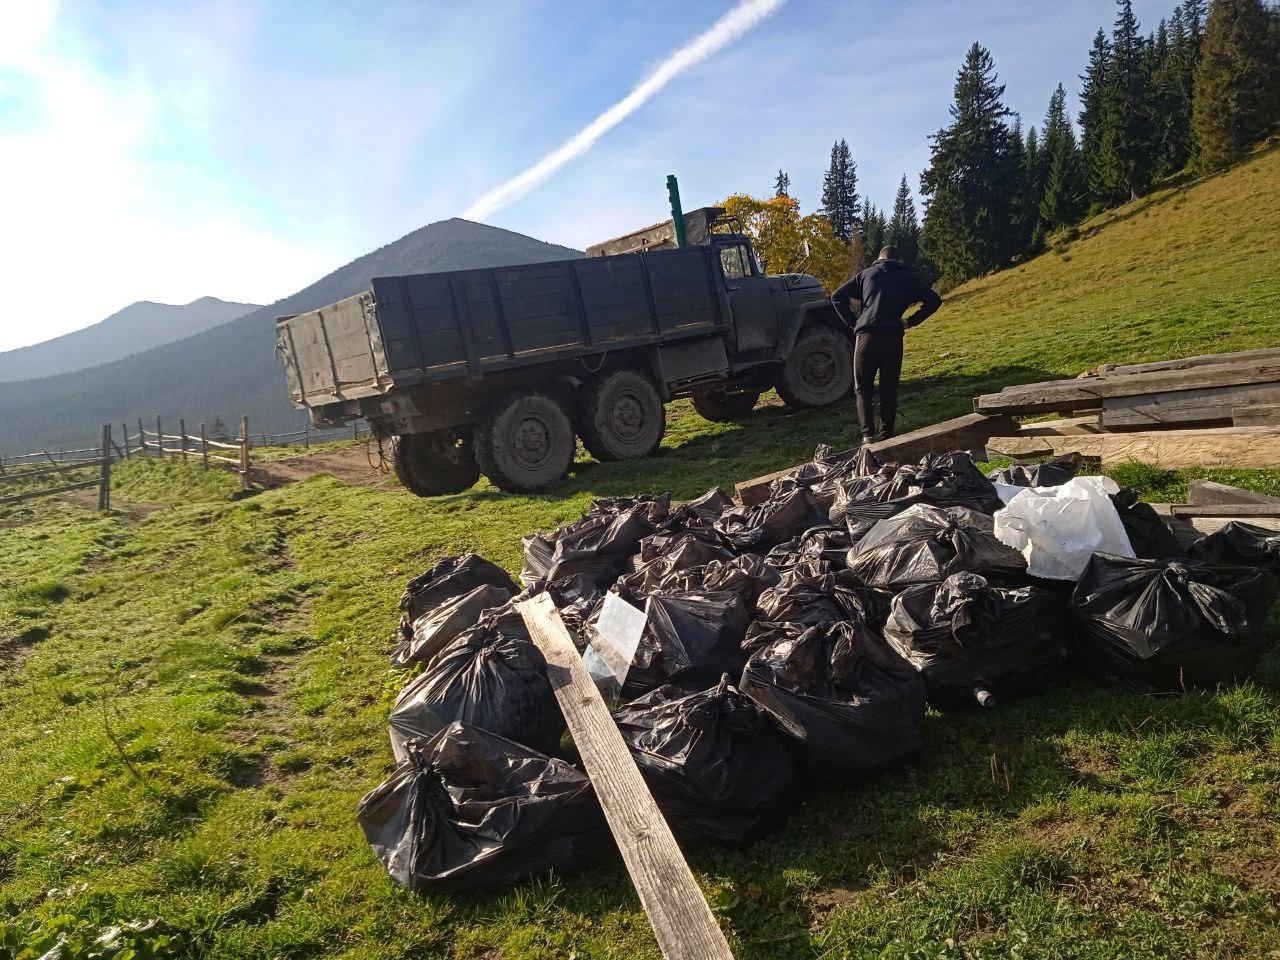 Вивіз сміття з еко-табору під Вухатим каменем